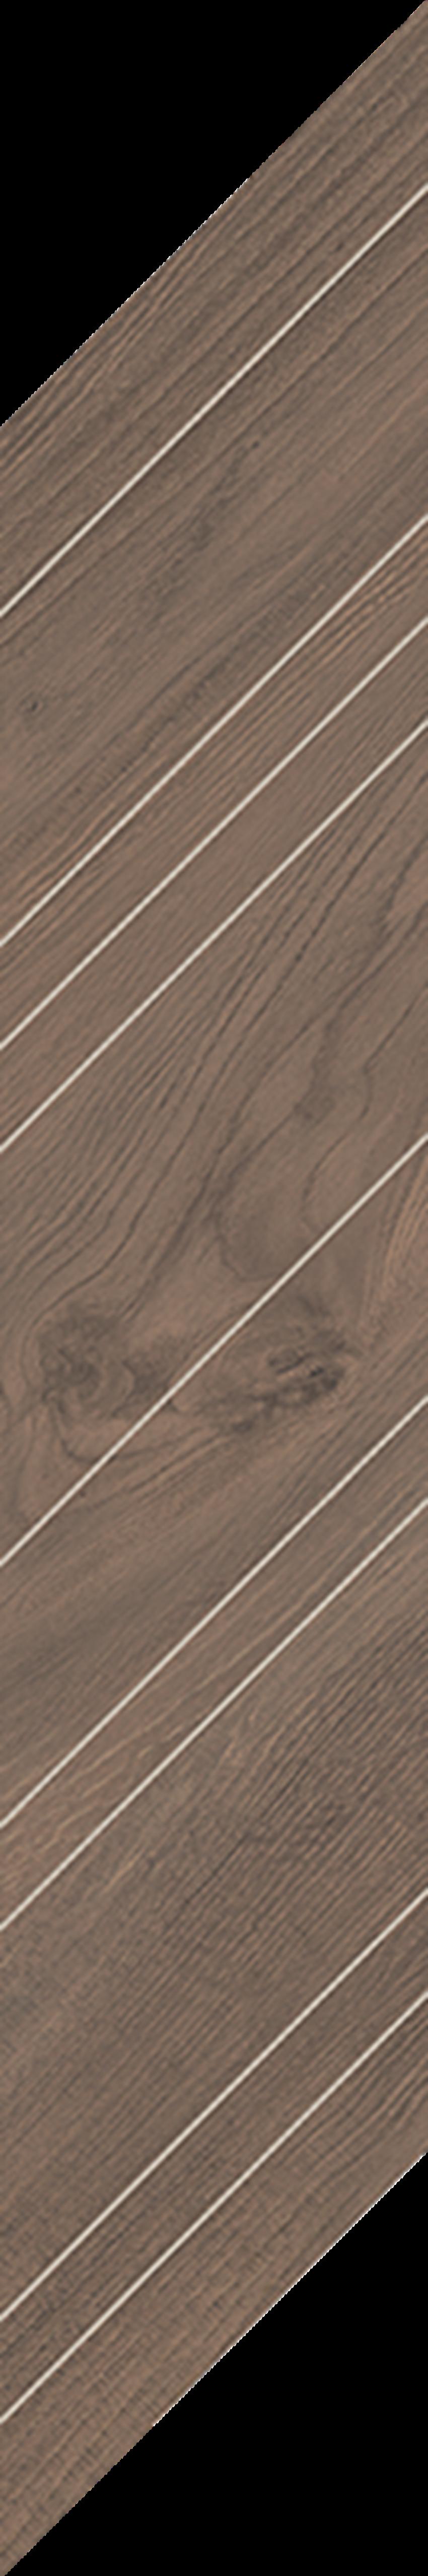 Płytka dekoracyjna 14,8x88,8 cm Paradyż Wildland Dark Dekor Chevron Prawy